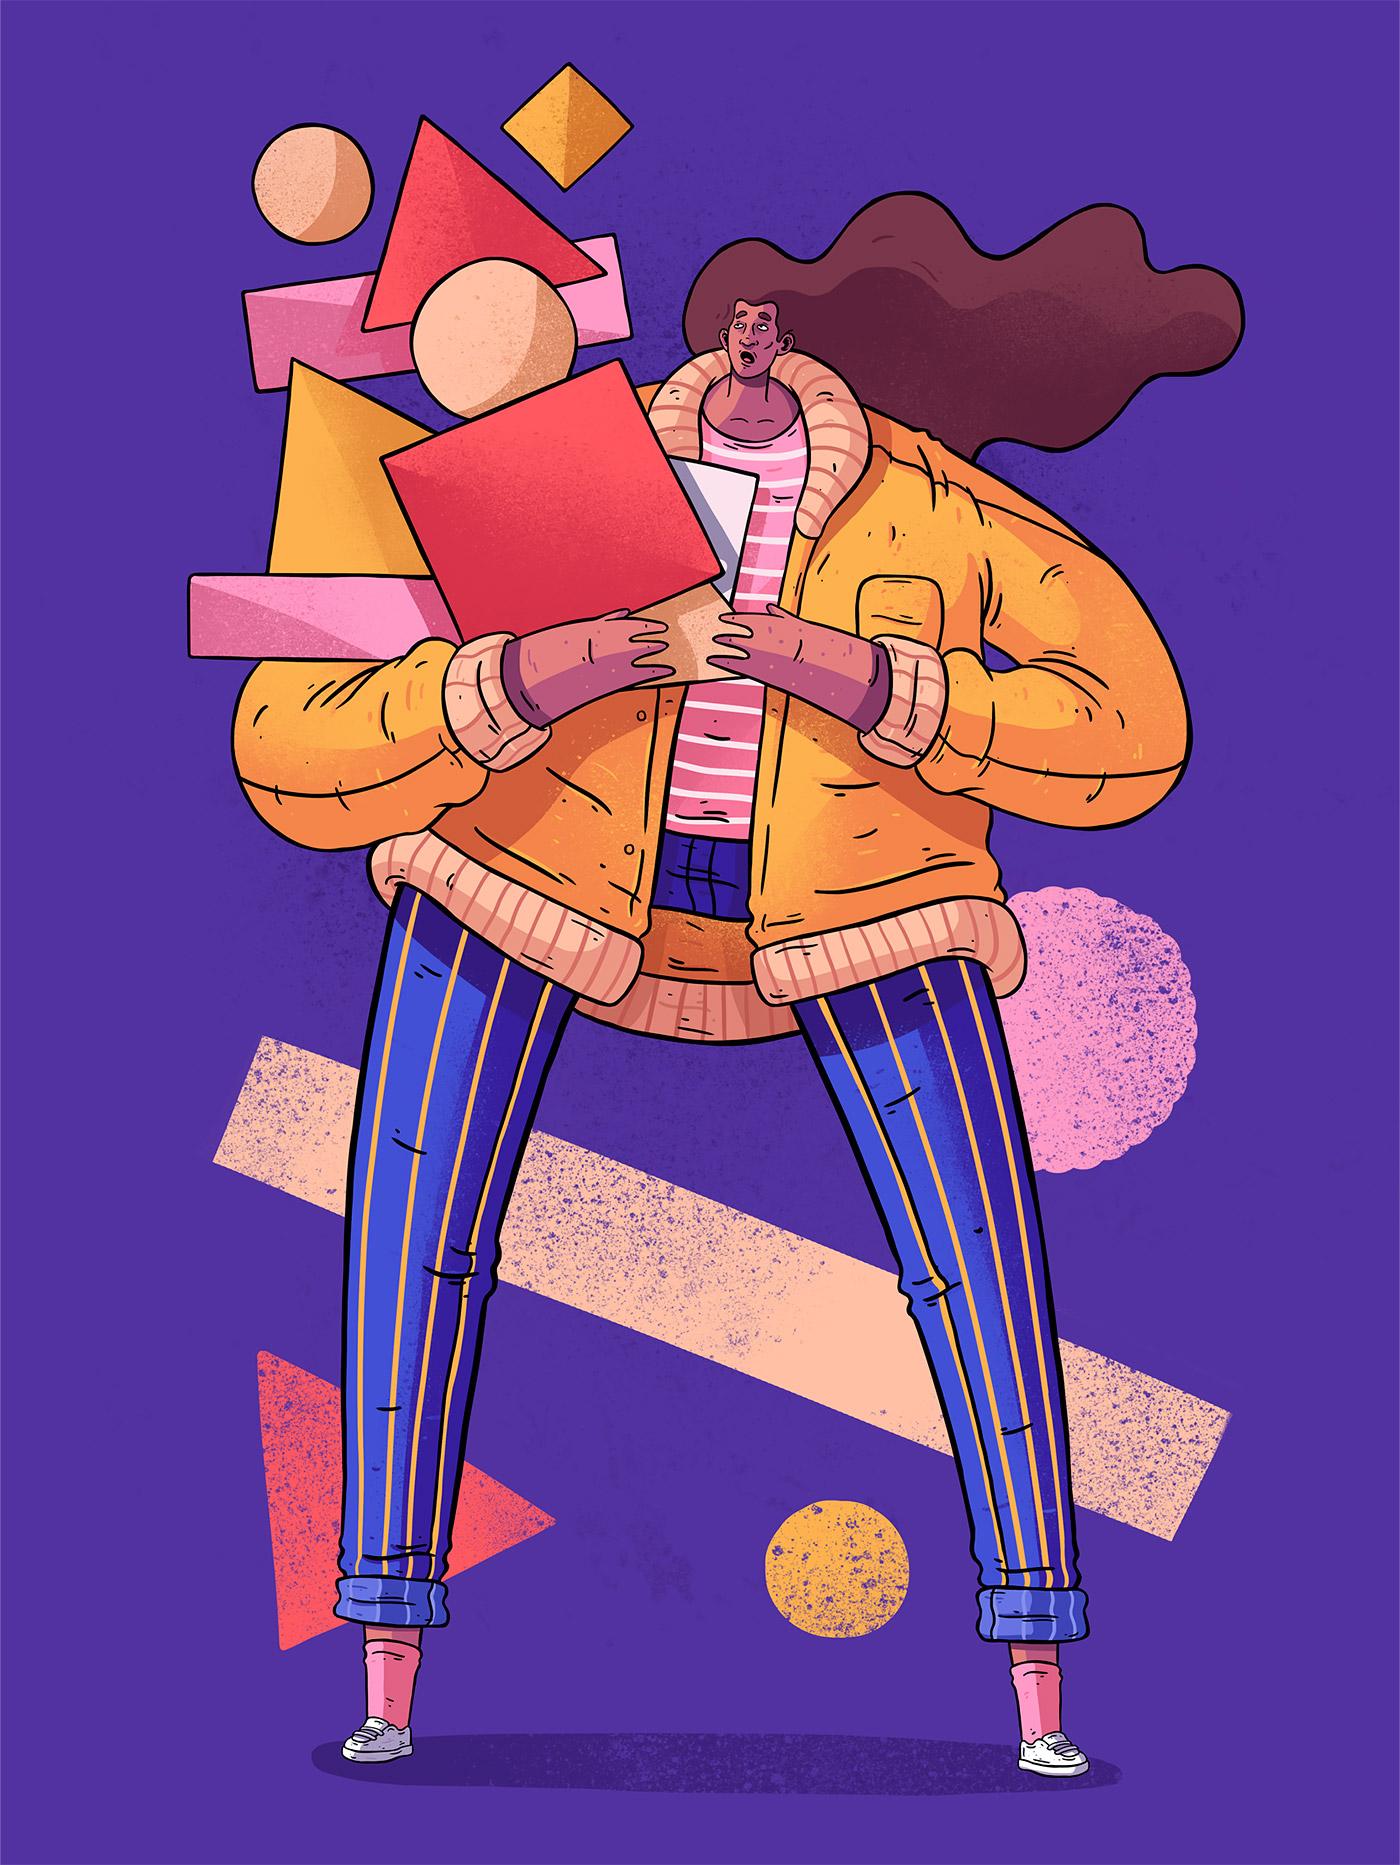 illustration-lucas-wakamatsu-05.jpg